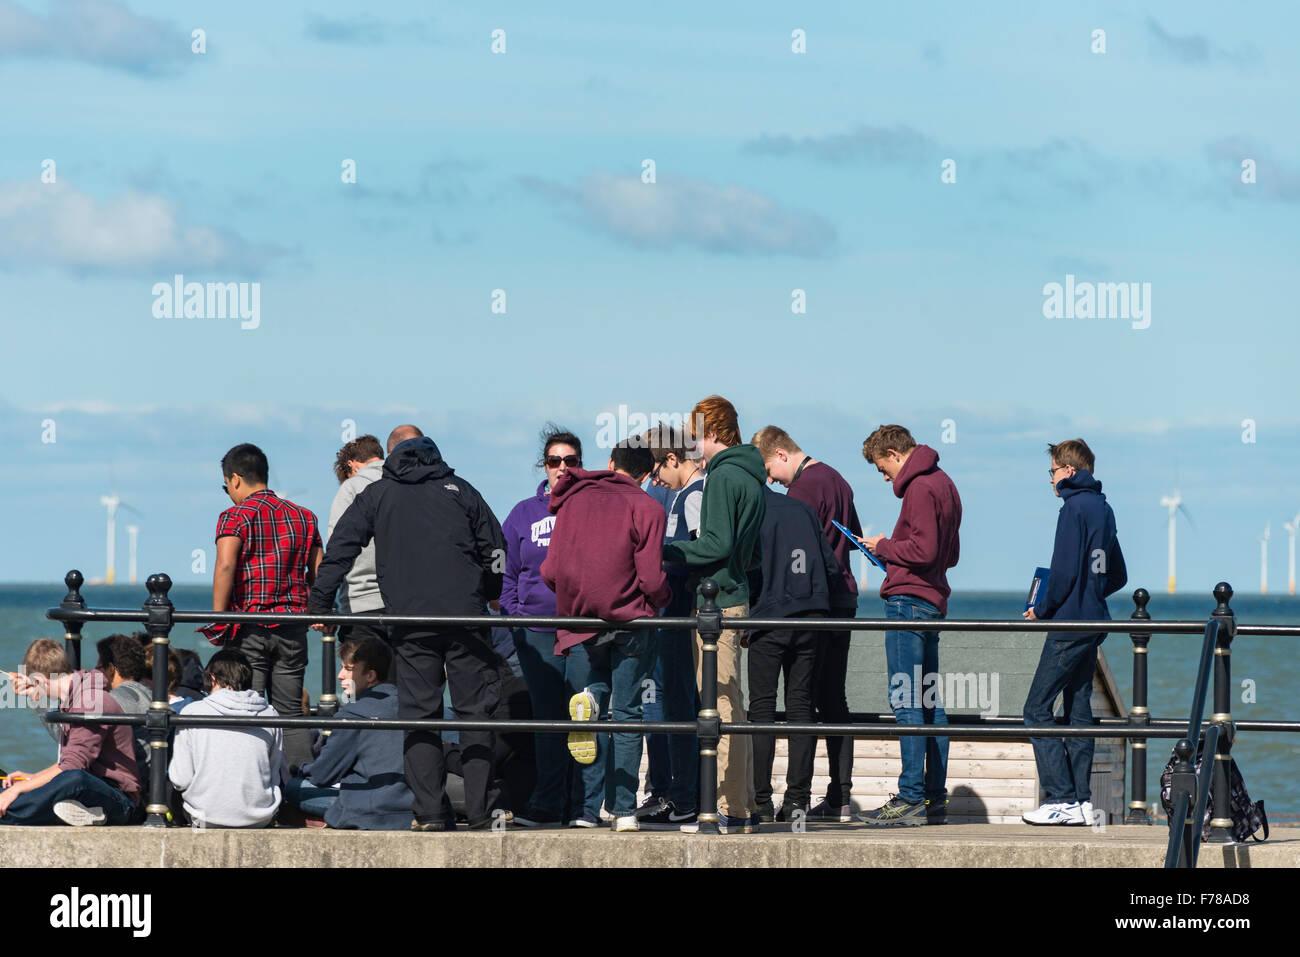 Groupe d'étudiants sur l'estran voyage d'étude, Herne Bay, Kent, Angleterre, Royaume-Uni Photo Stock